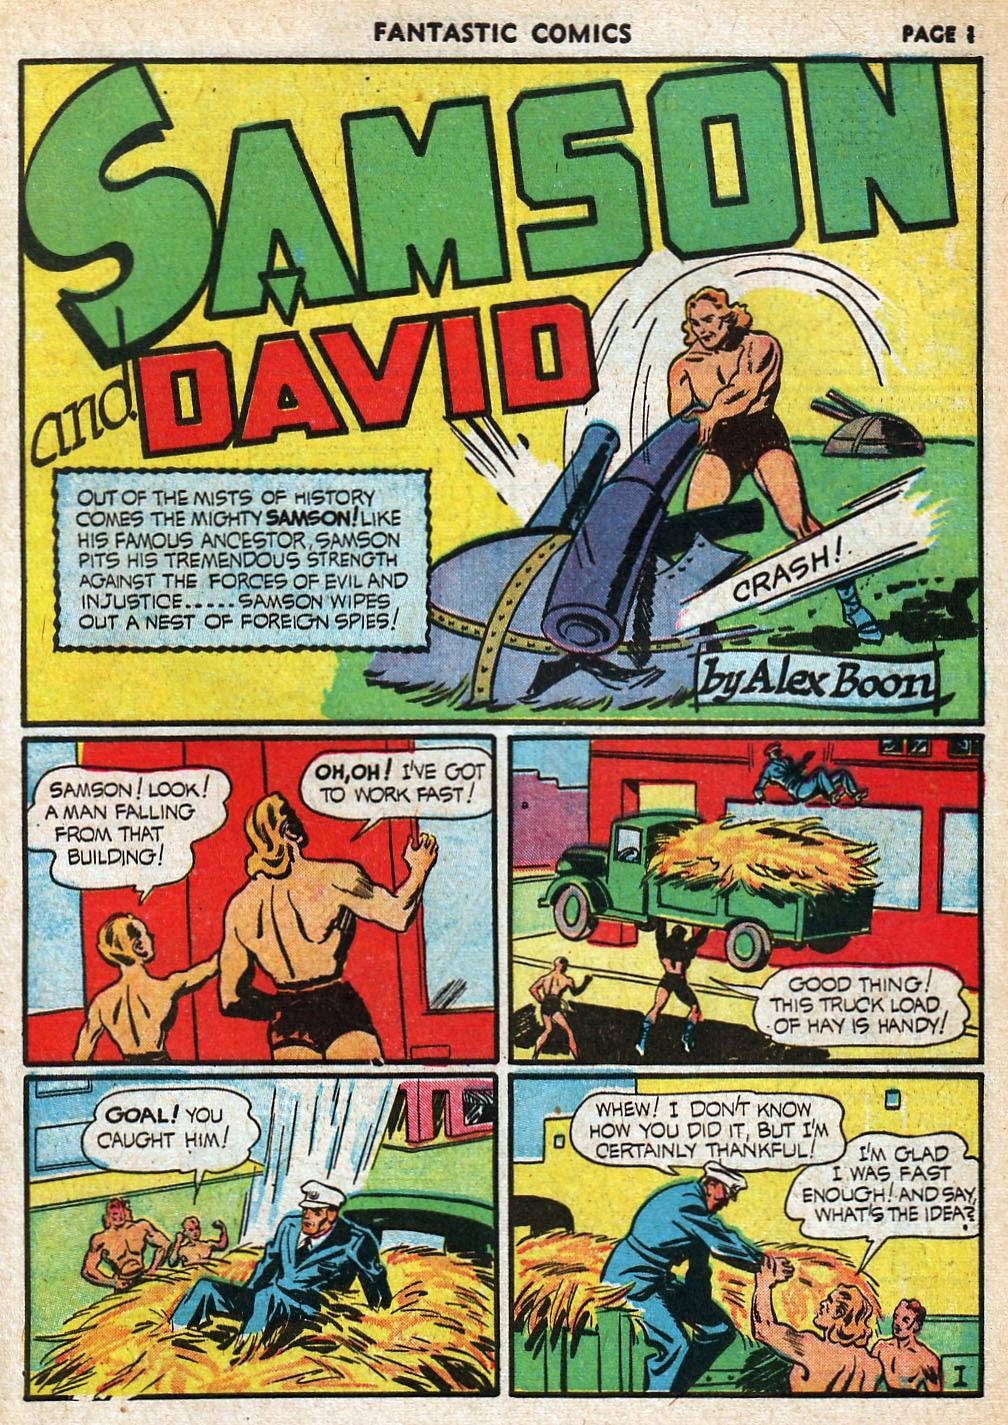 Read online Fantastic Comics comic -  Issue #20 - 2